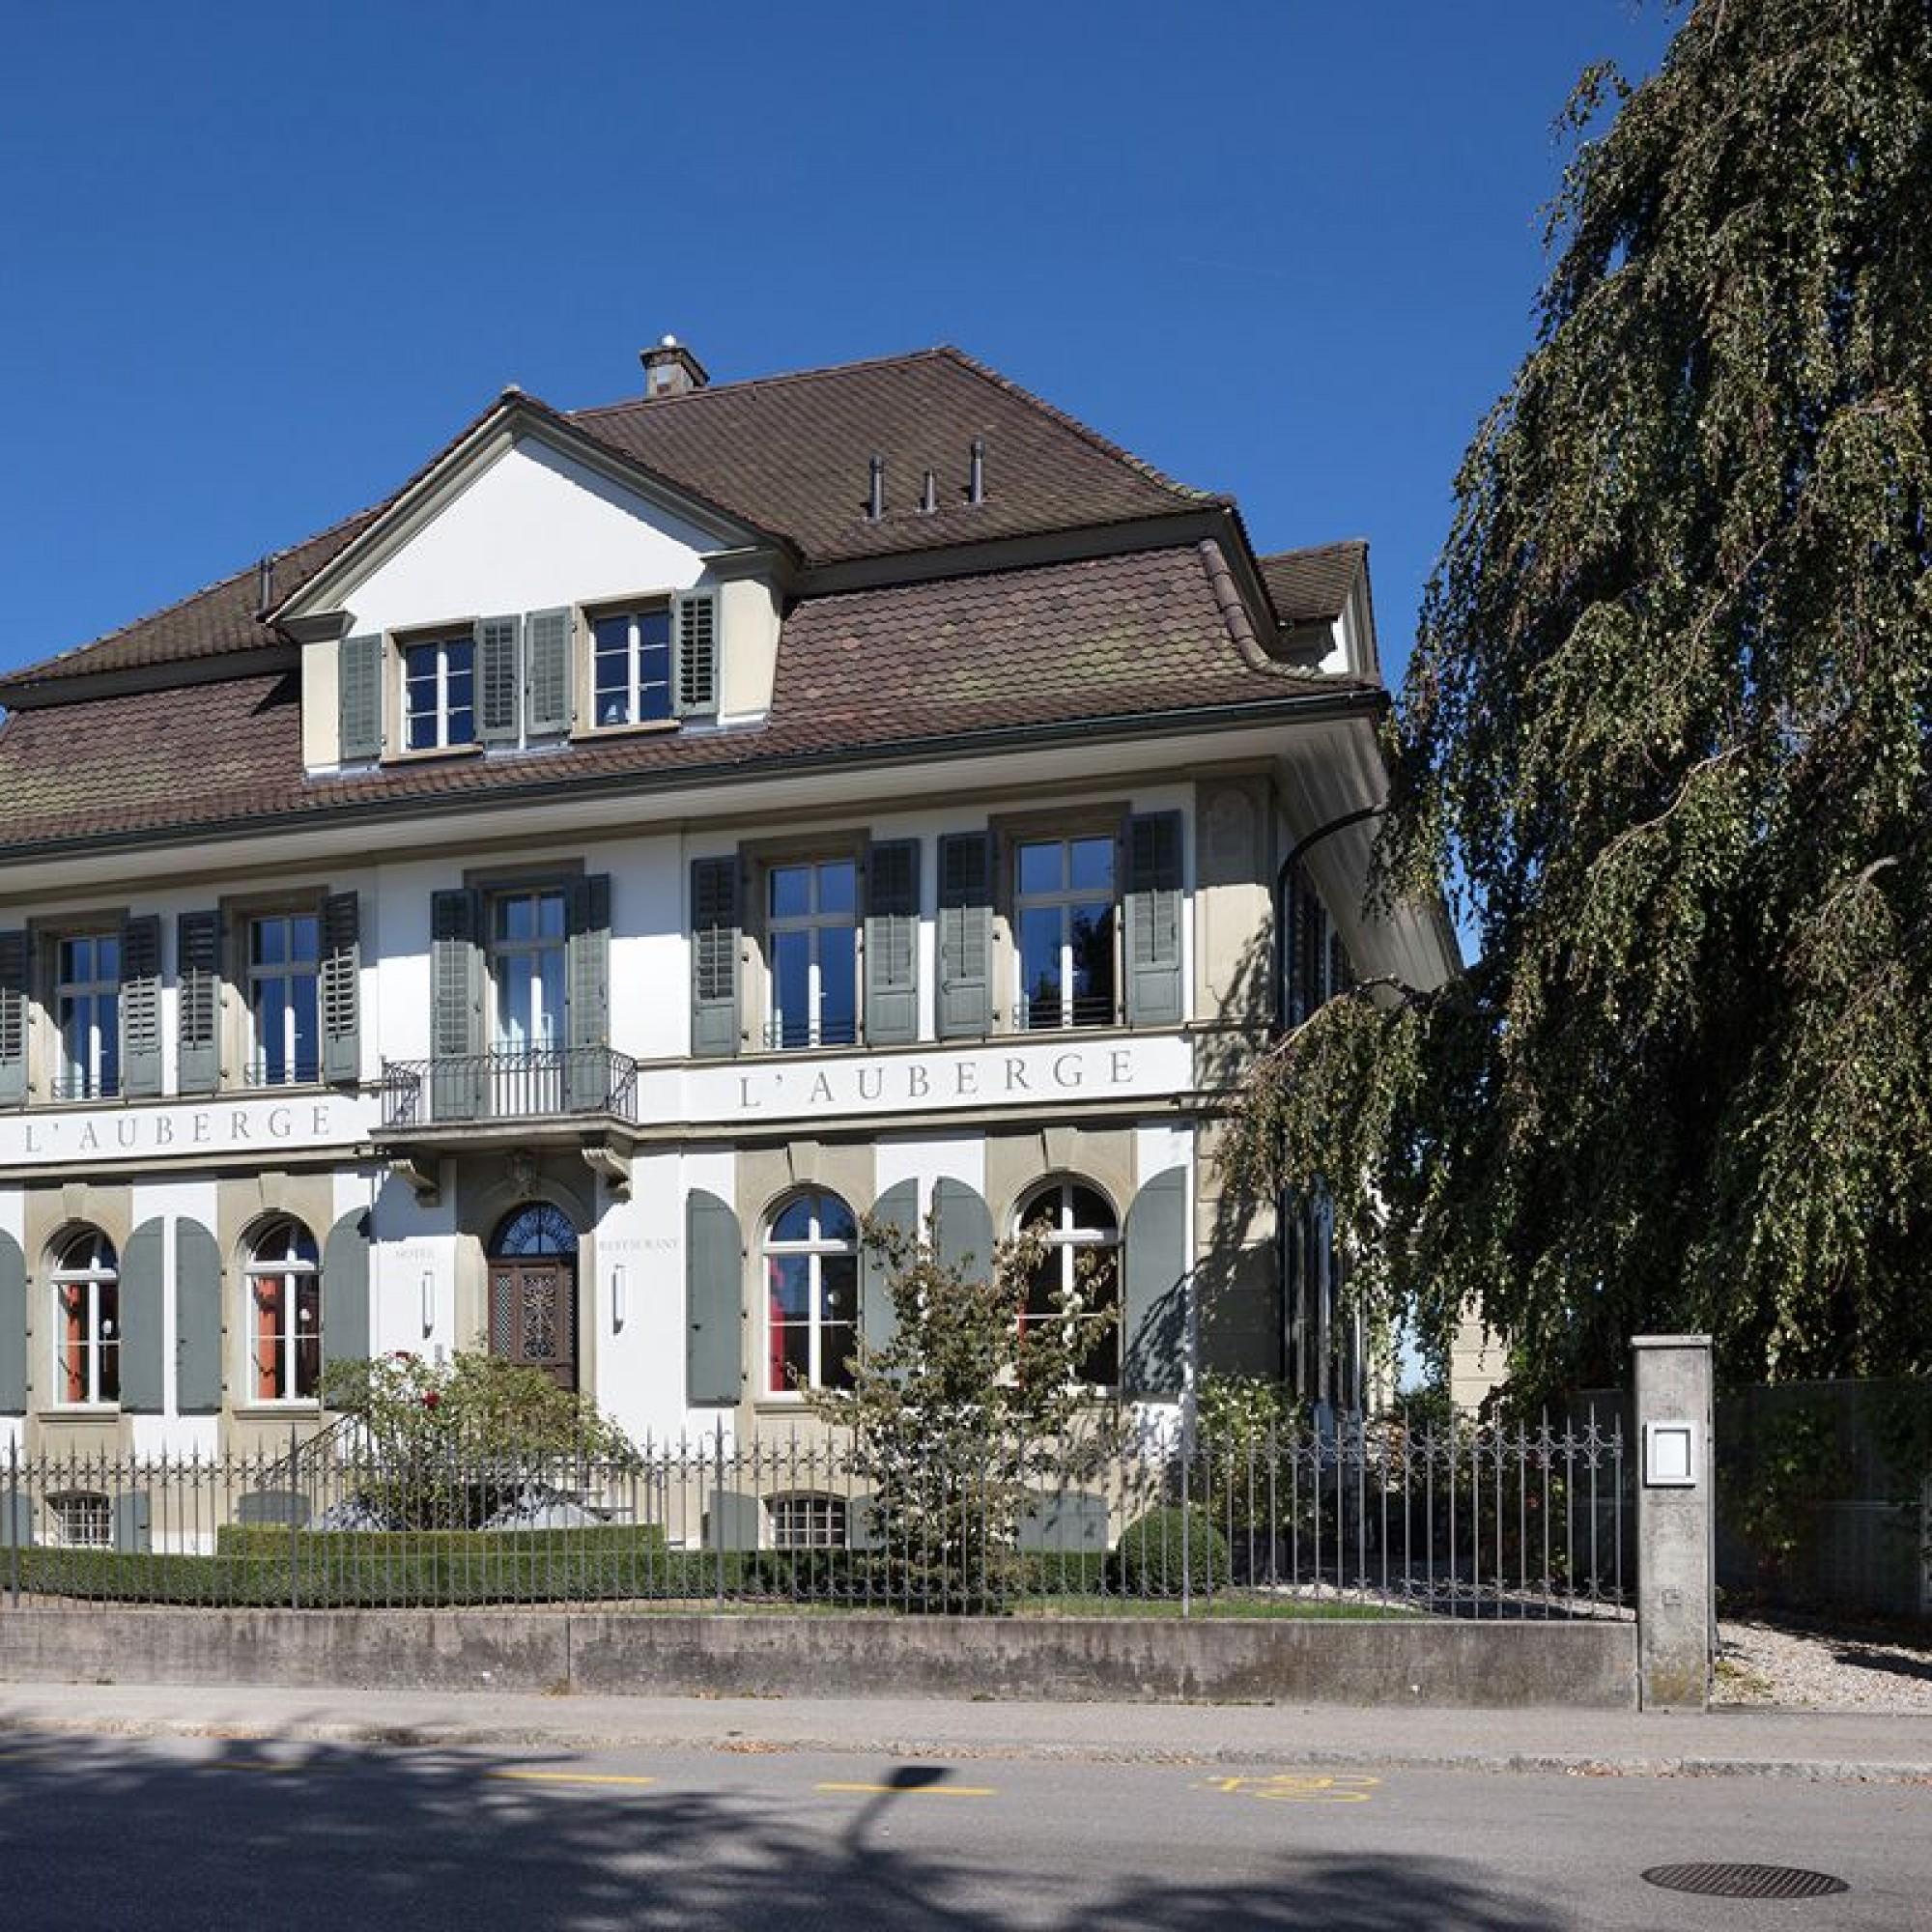 Zwischen dem Bahnhof und dem Zentrum bildete sich ab 1860 ein stattliches Villenquartier aus. Im Bild die zum Hotel und Restaurant umfunktionierte klassizistische Villa an der Murgenthalstrasse.